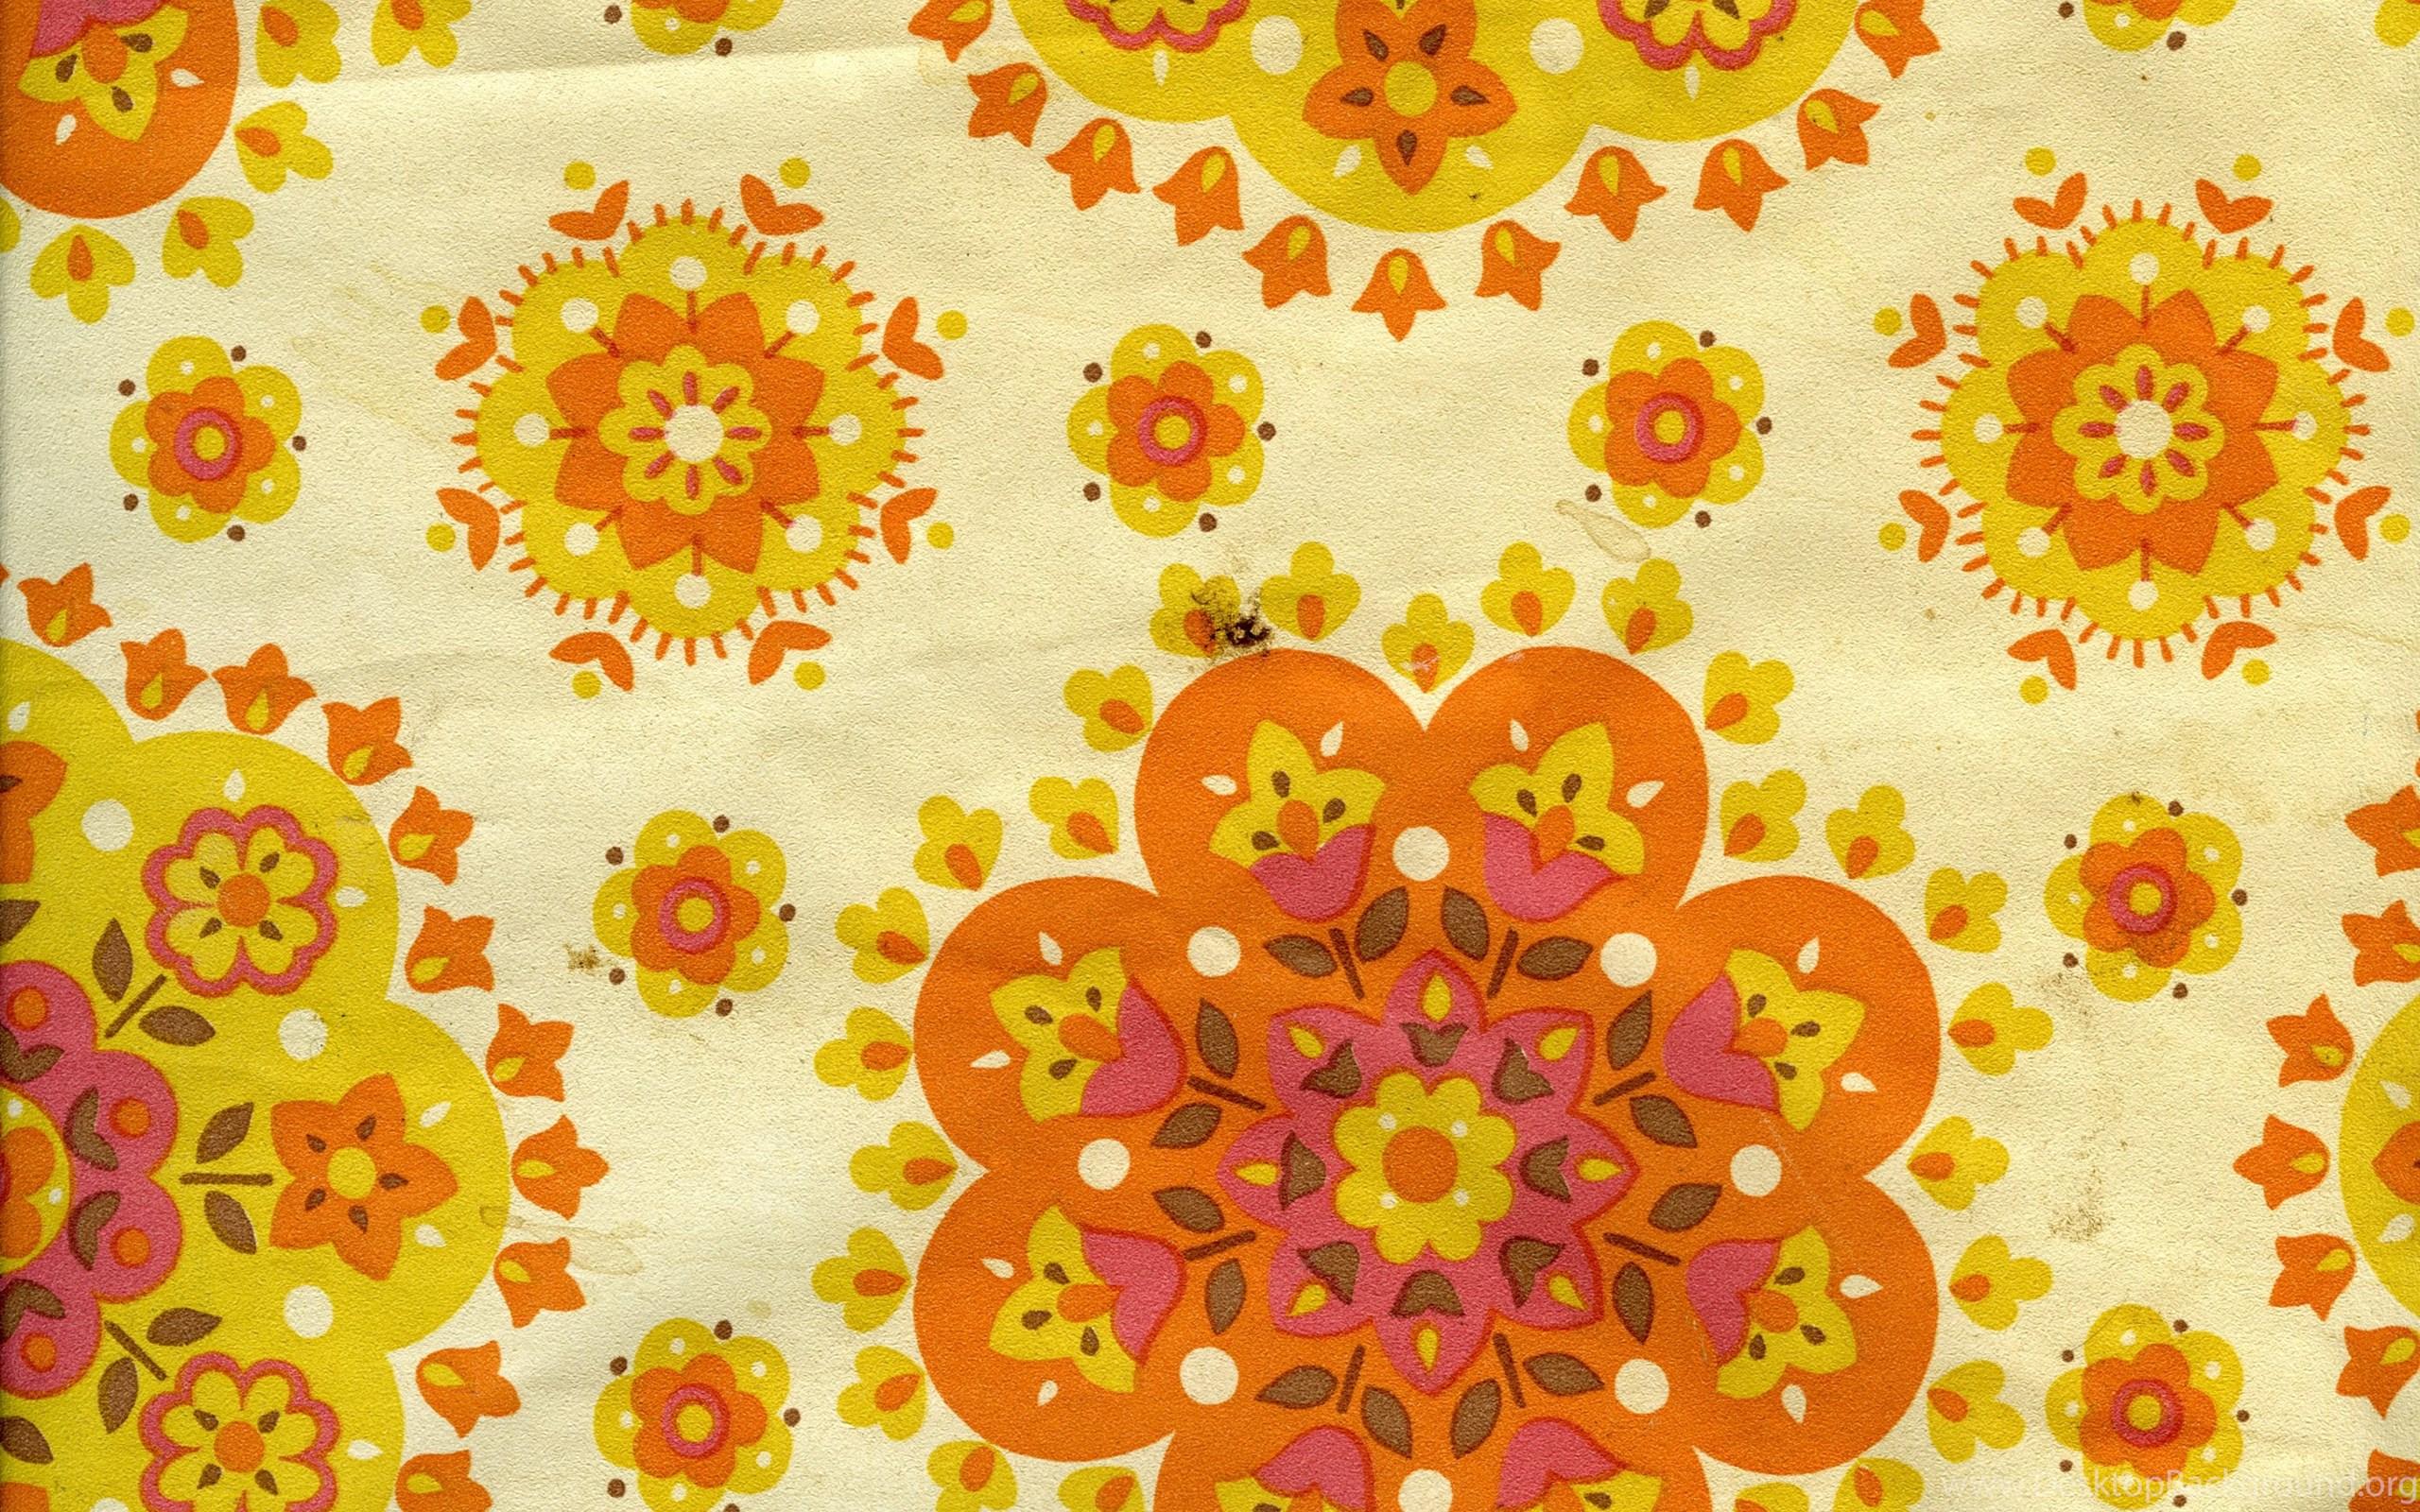 Wallpaper 60s 70s Yellow Orange Floral Circular Pattern Design On